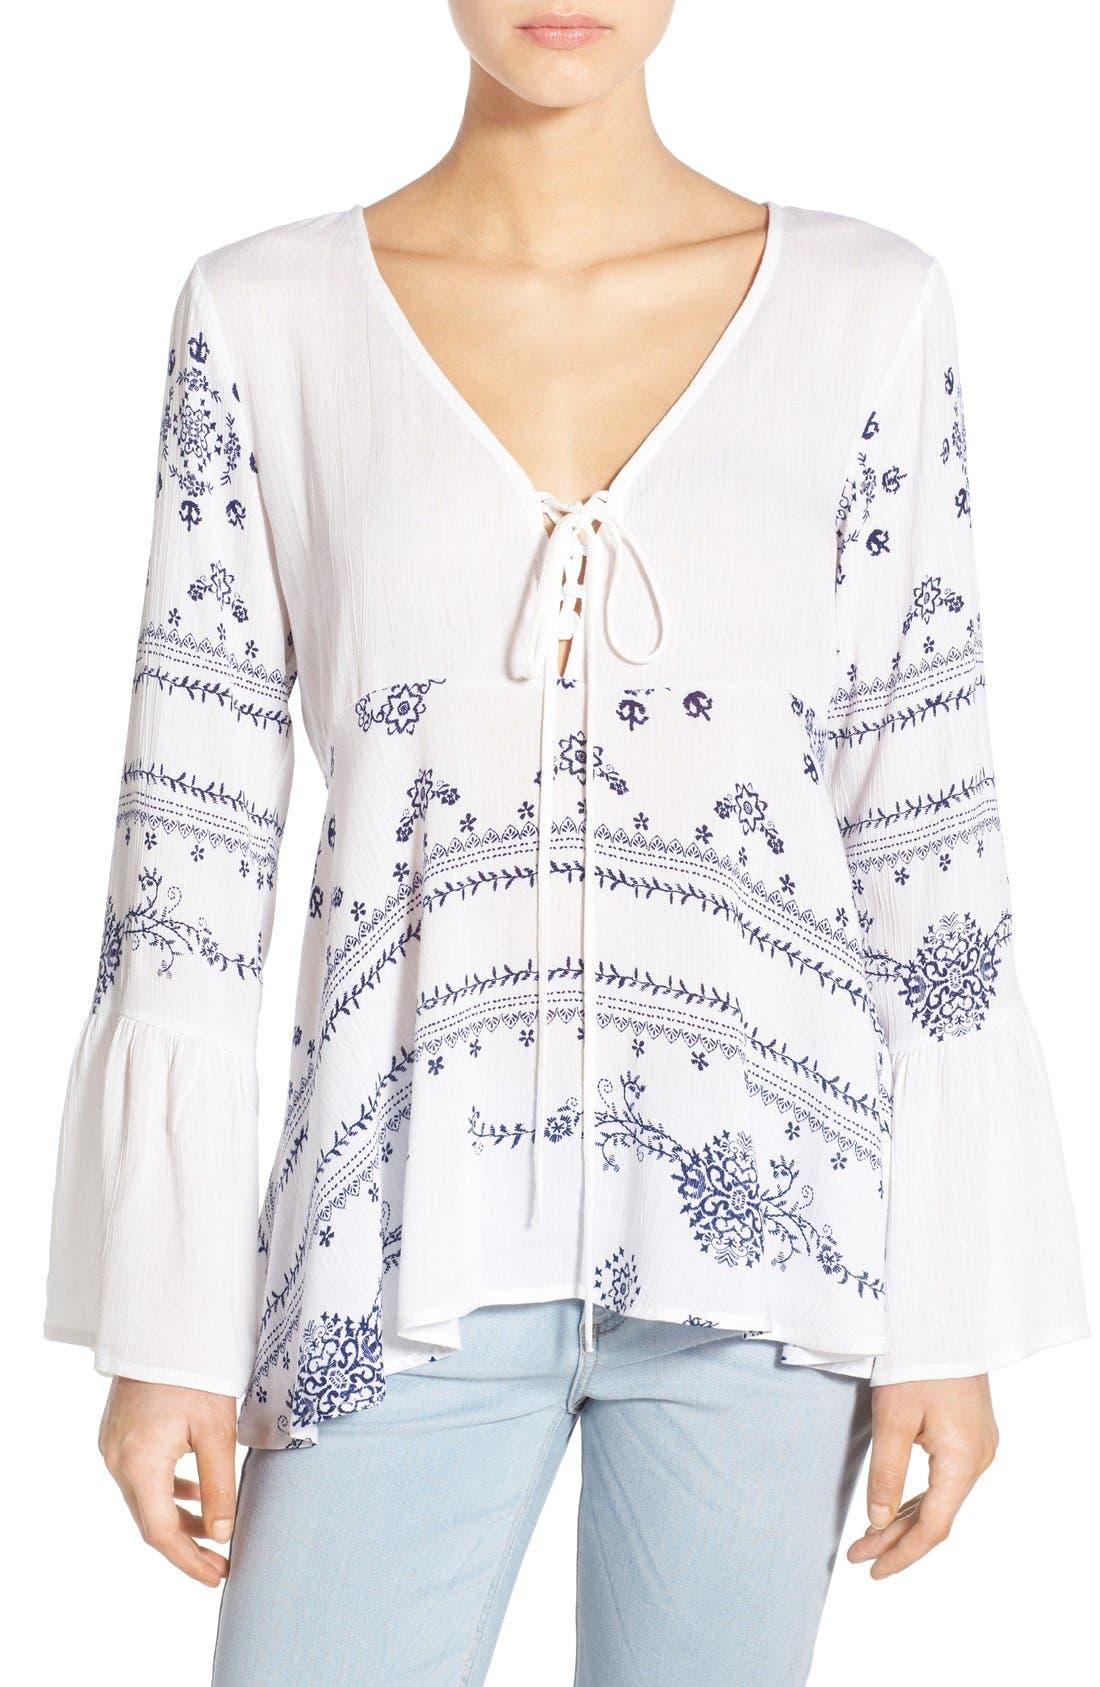 Alternate Image 1 Selected - BP. Print Lace-Up Peasant Top